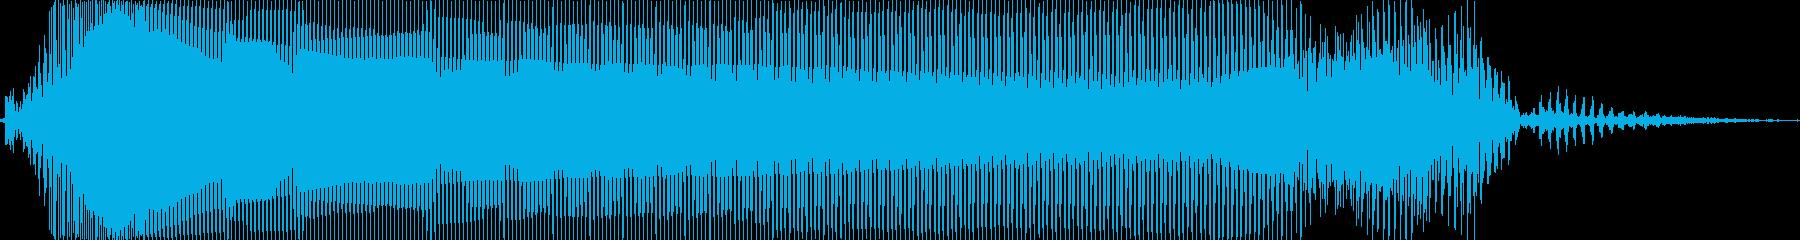 ゴール!の再生済みの波形